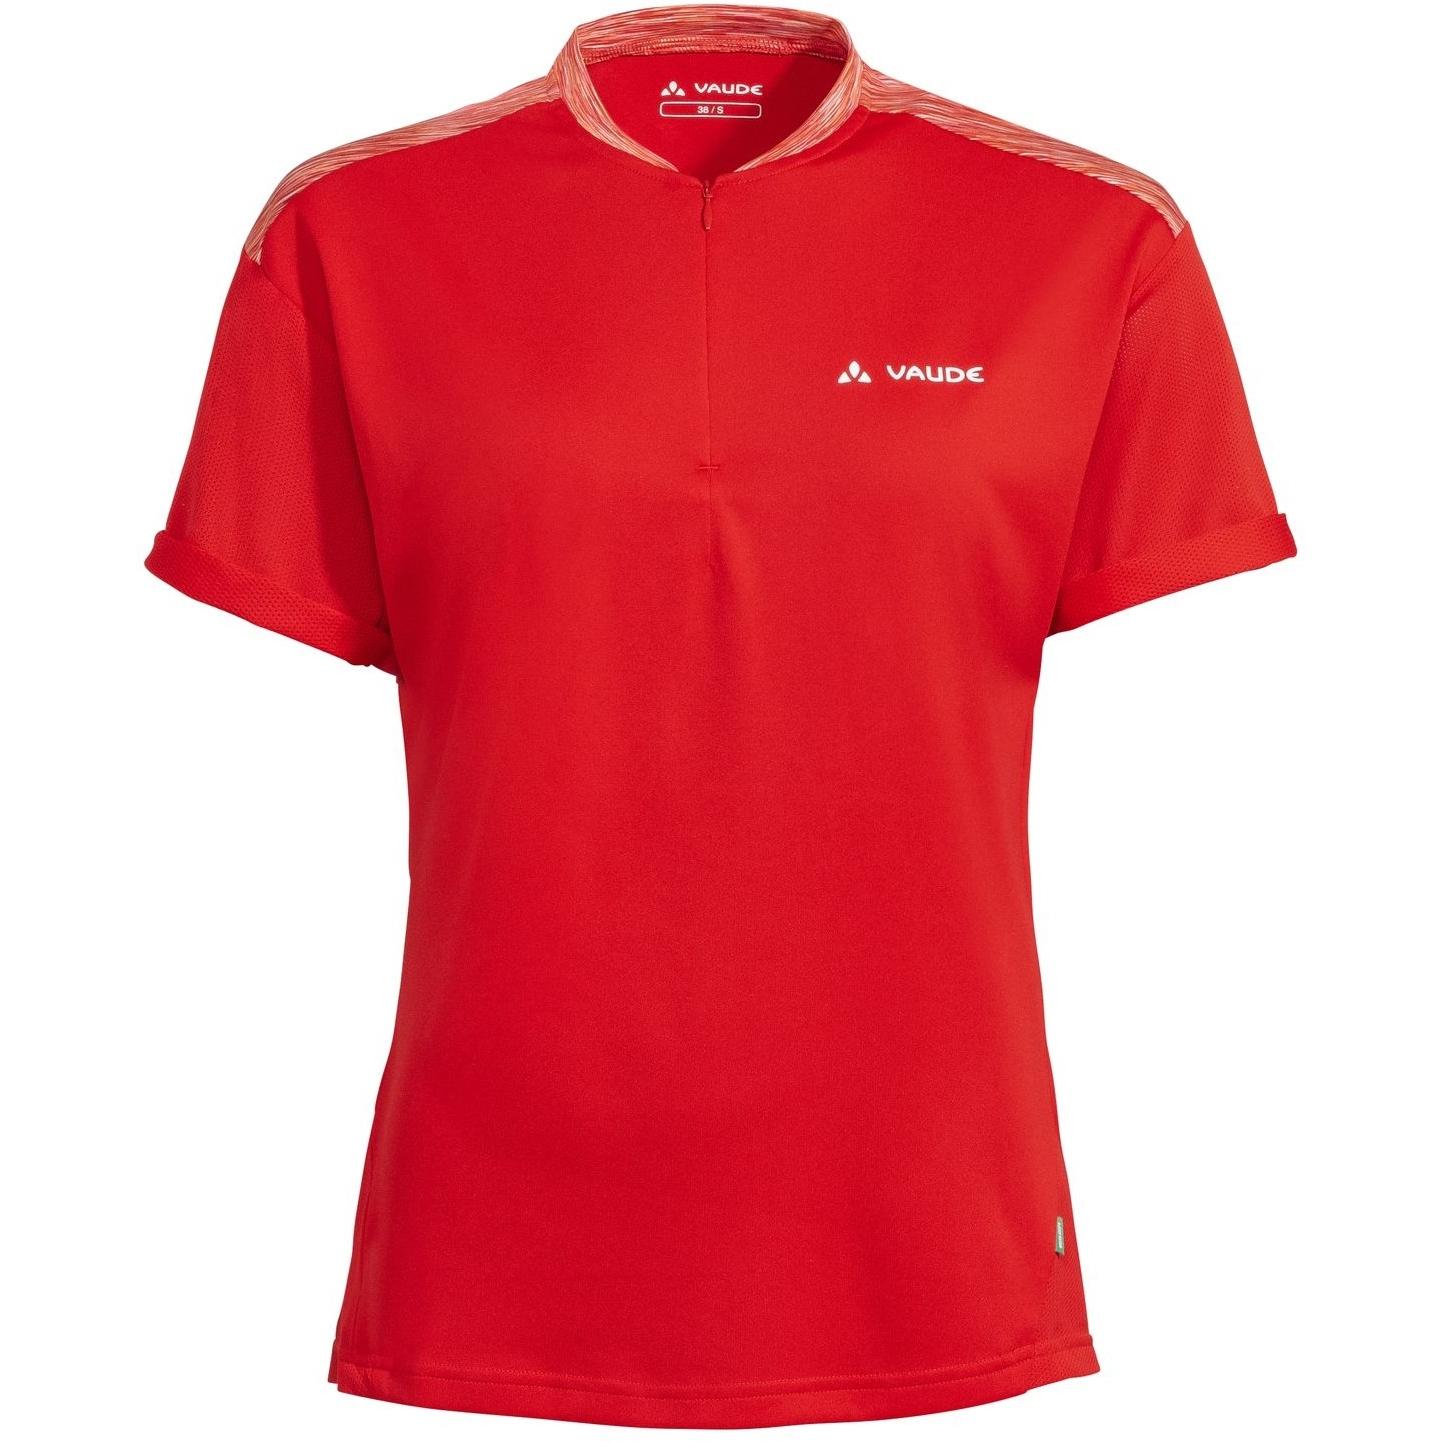 Vaude Qimsa Damen T-Shirt - mars red